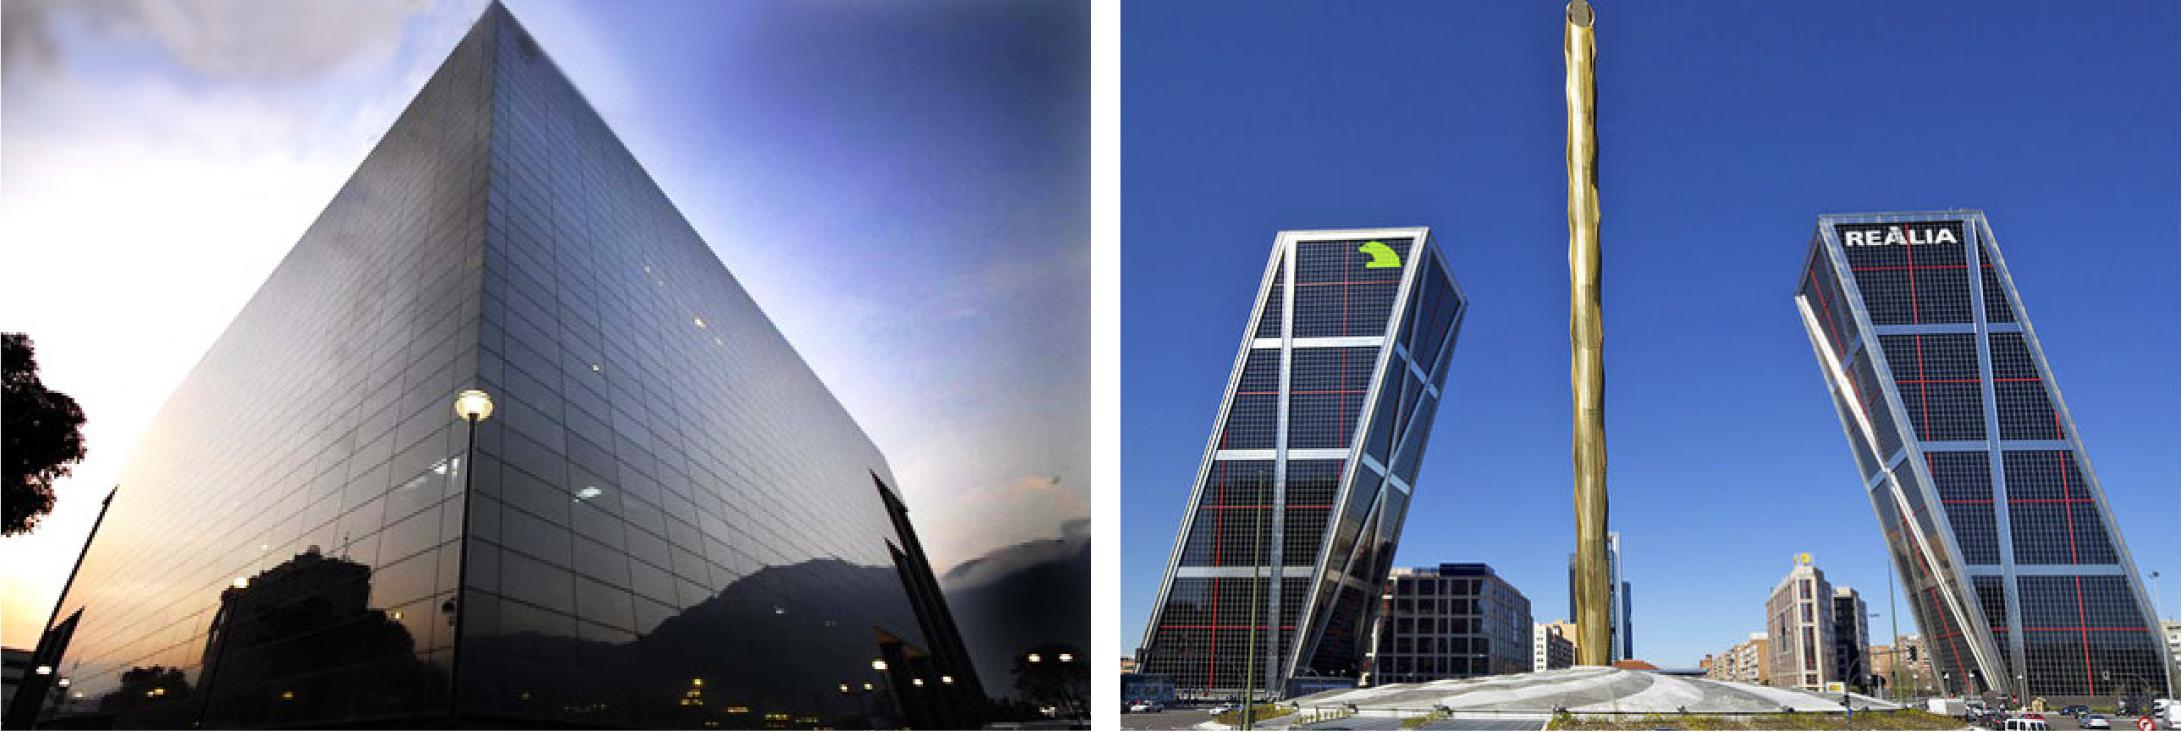 Philip Johnson Fue Un Gran Impulsor De La Arquitectura De